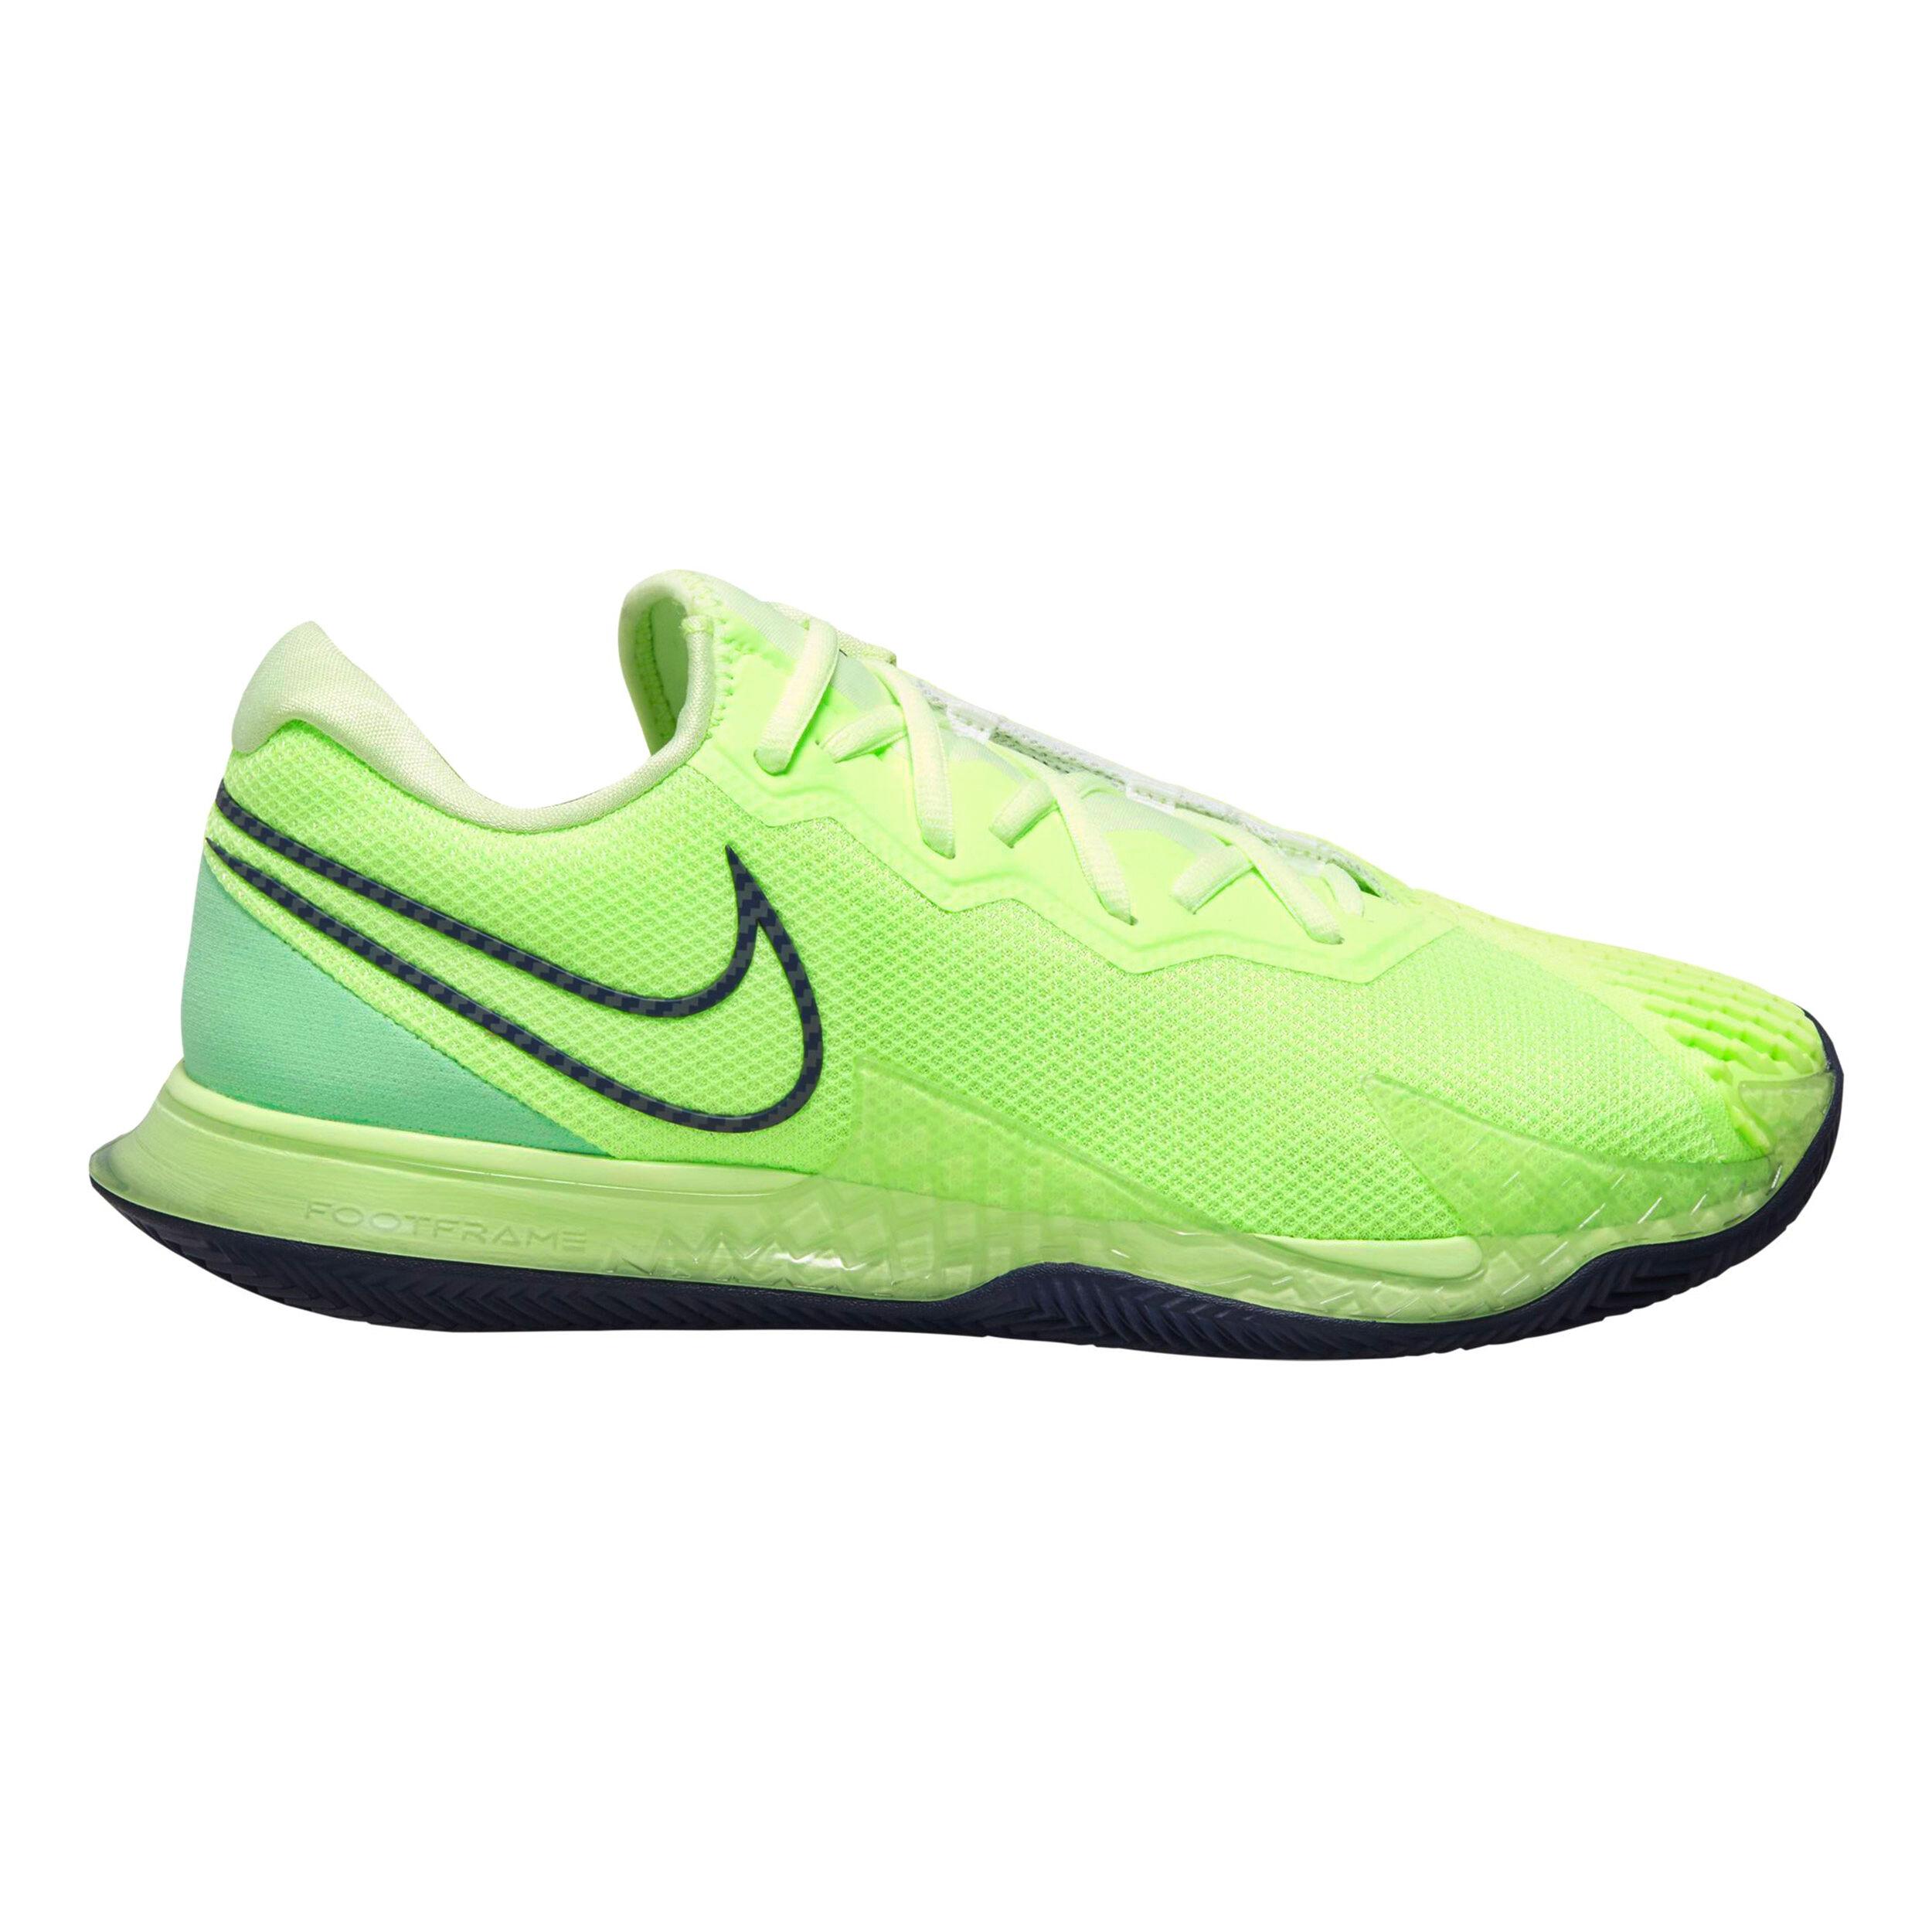 Nike Air Zoom Vapor Cage 4 Clay Allcourt Schoen Heren Lichtgroen, Donkerblauw